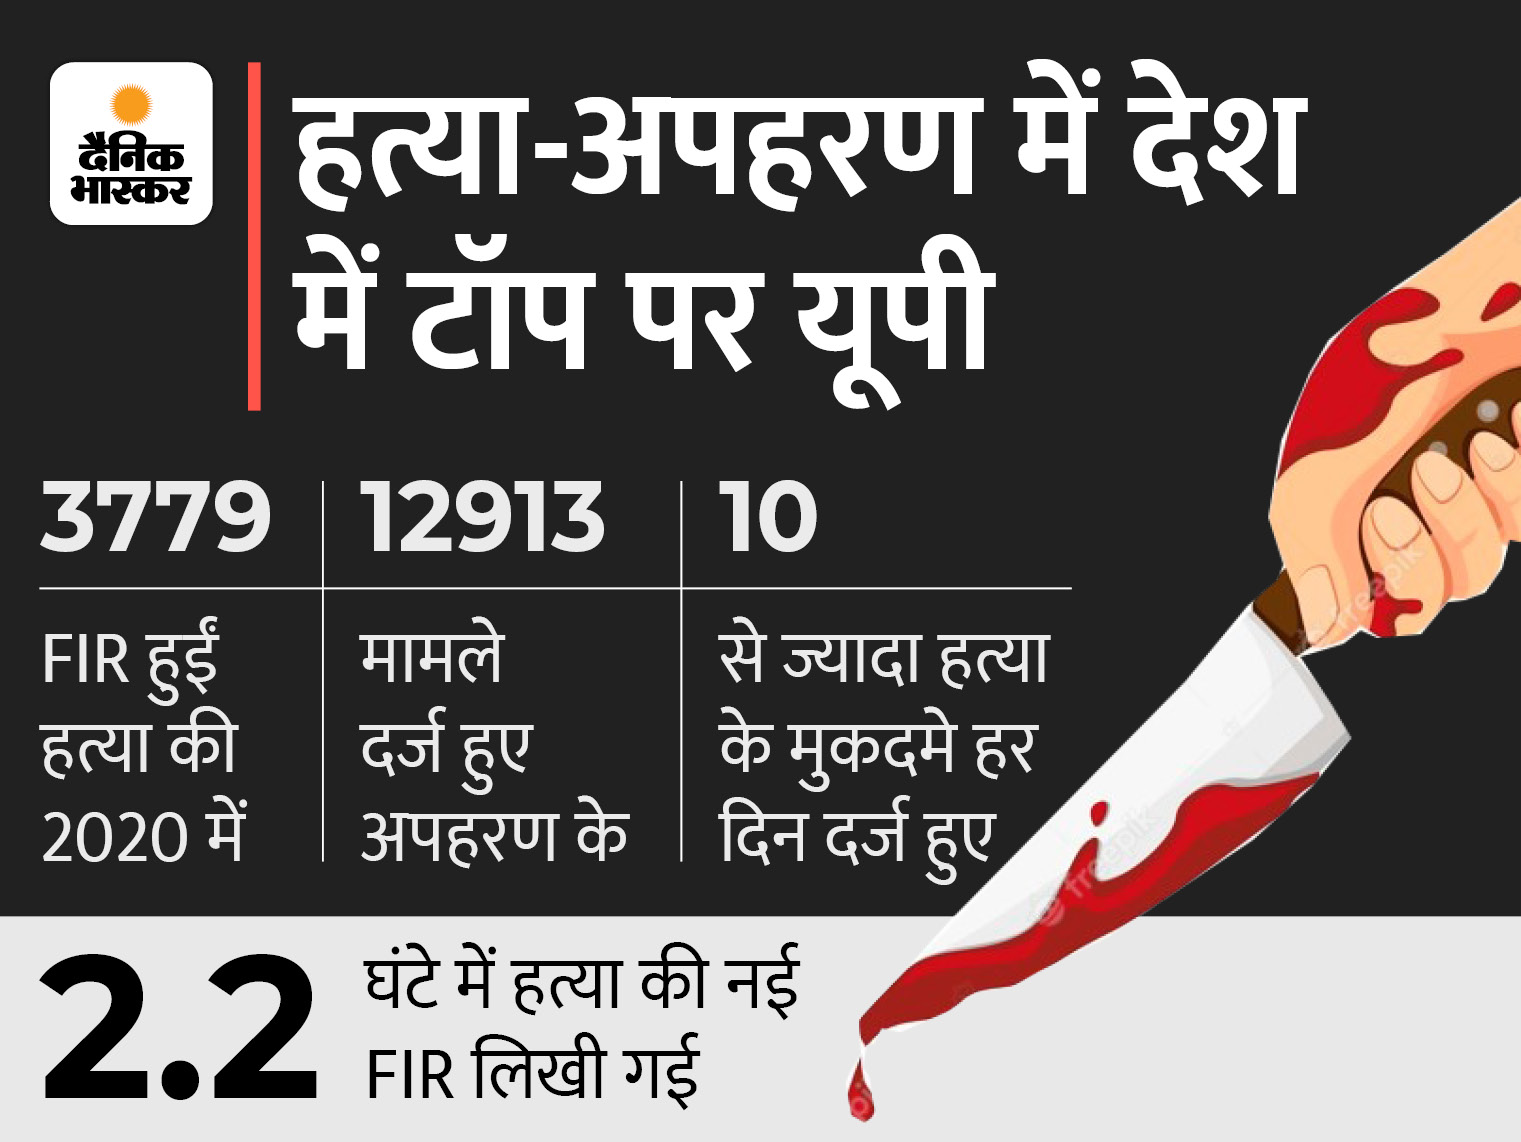 देश में 2020 में सबसे ज्यादा हत्या-अपहरण यूपी में हुए; मर्डर की 3,779 FIR और महिला अपराधोंसे जुड़े49,385 मामले दर्ज हुए|लखनऊ,Lucknow - Dainik Bhaskar